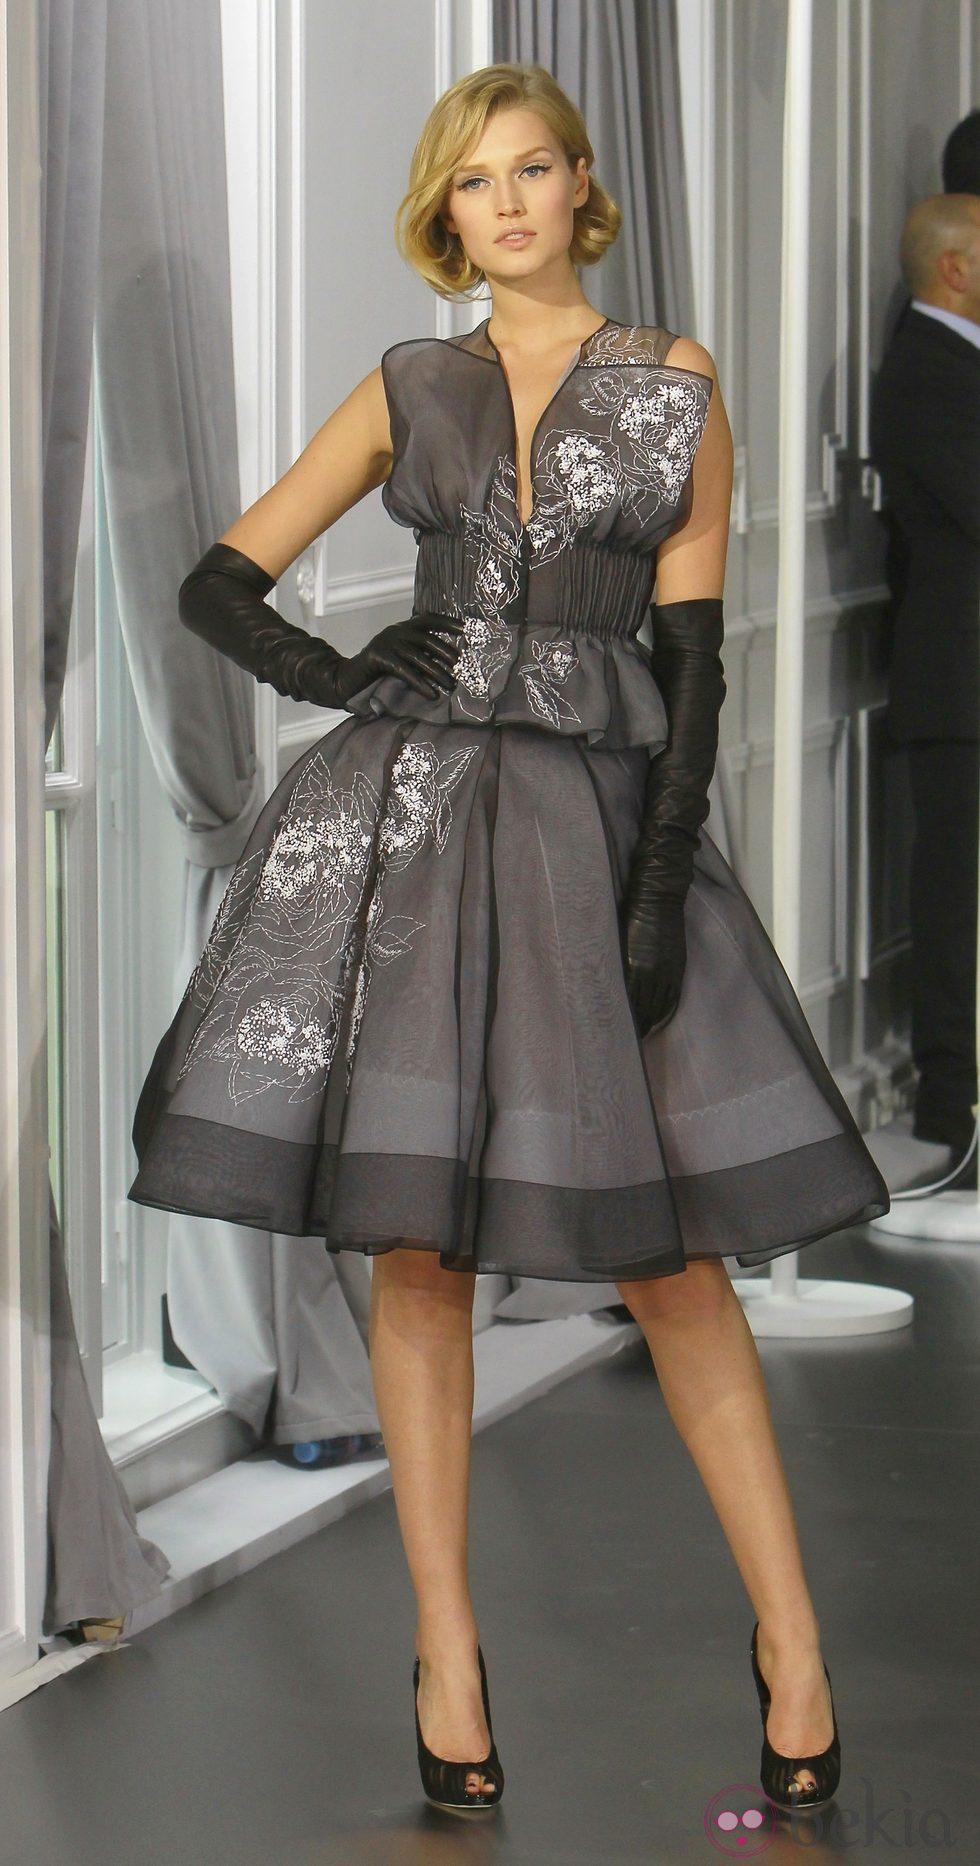 Dise o new look gris con bordados florales en blanco de - Diseno alta costura ...